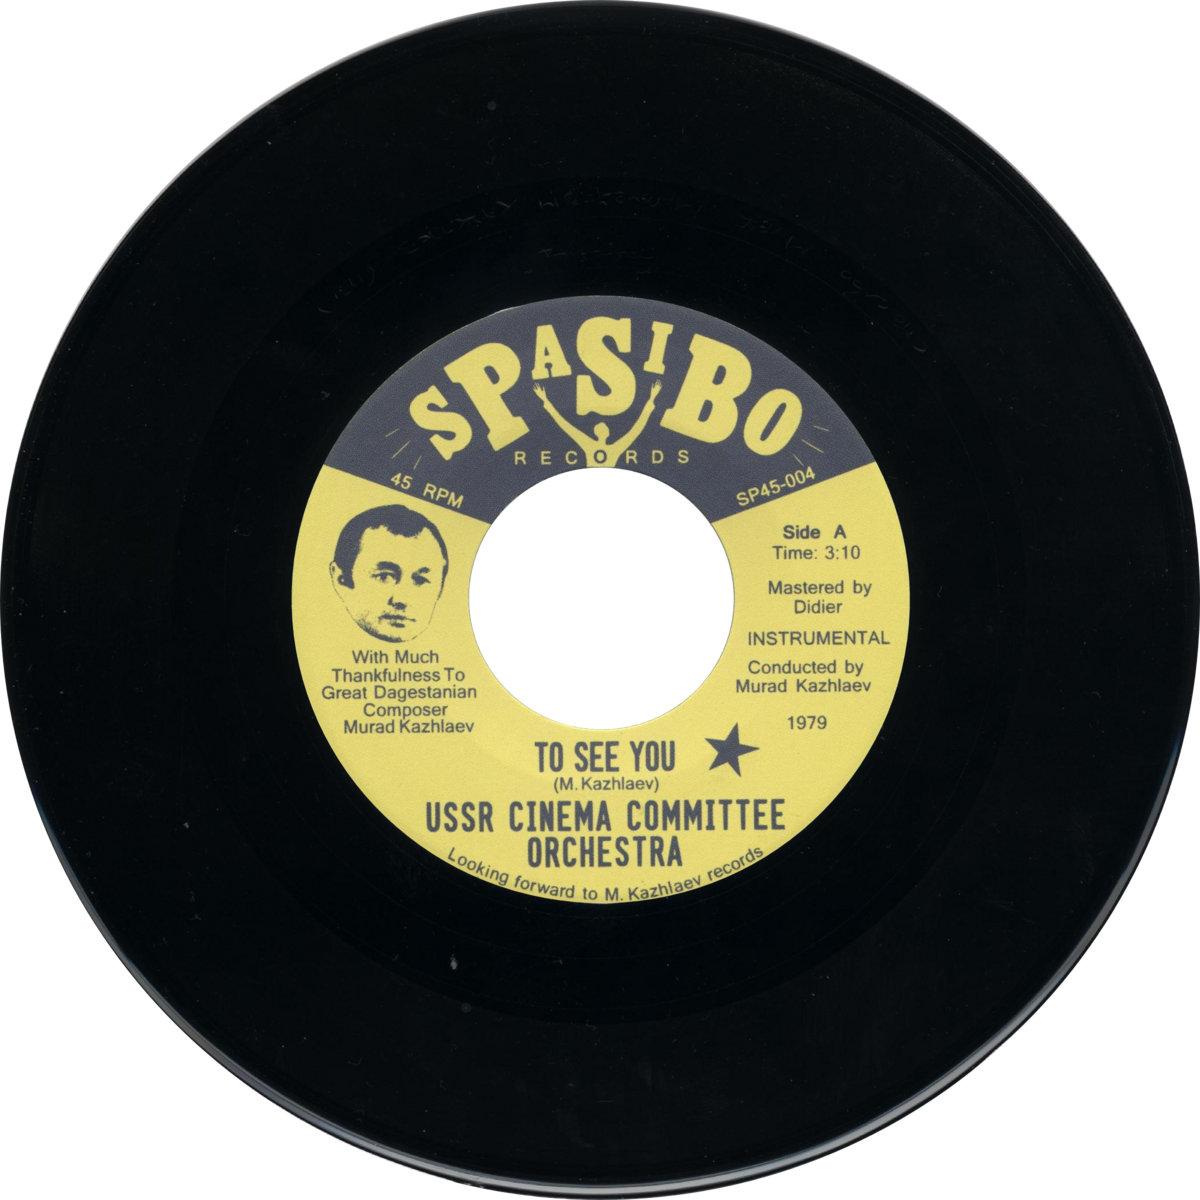 murad kazhlaev sp45 004 spasibo records